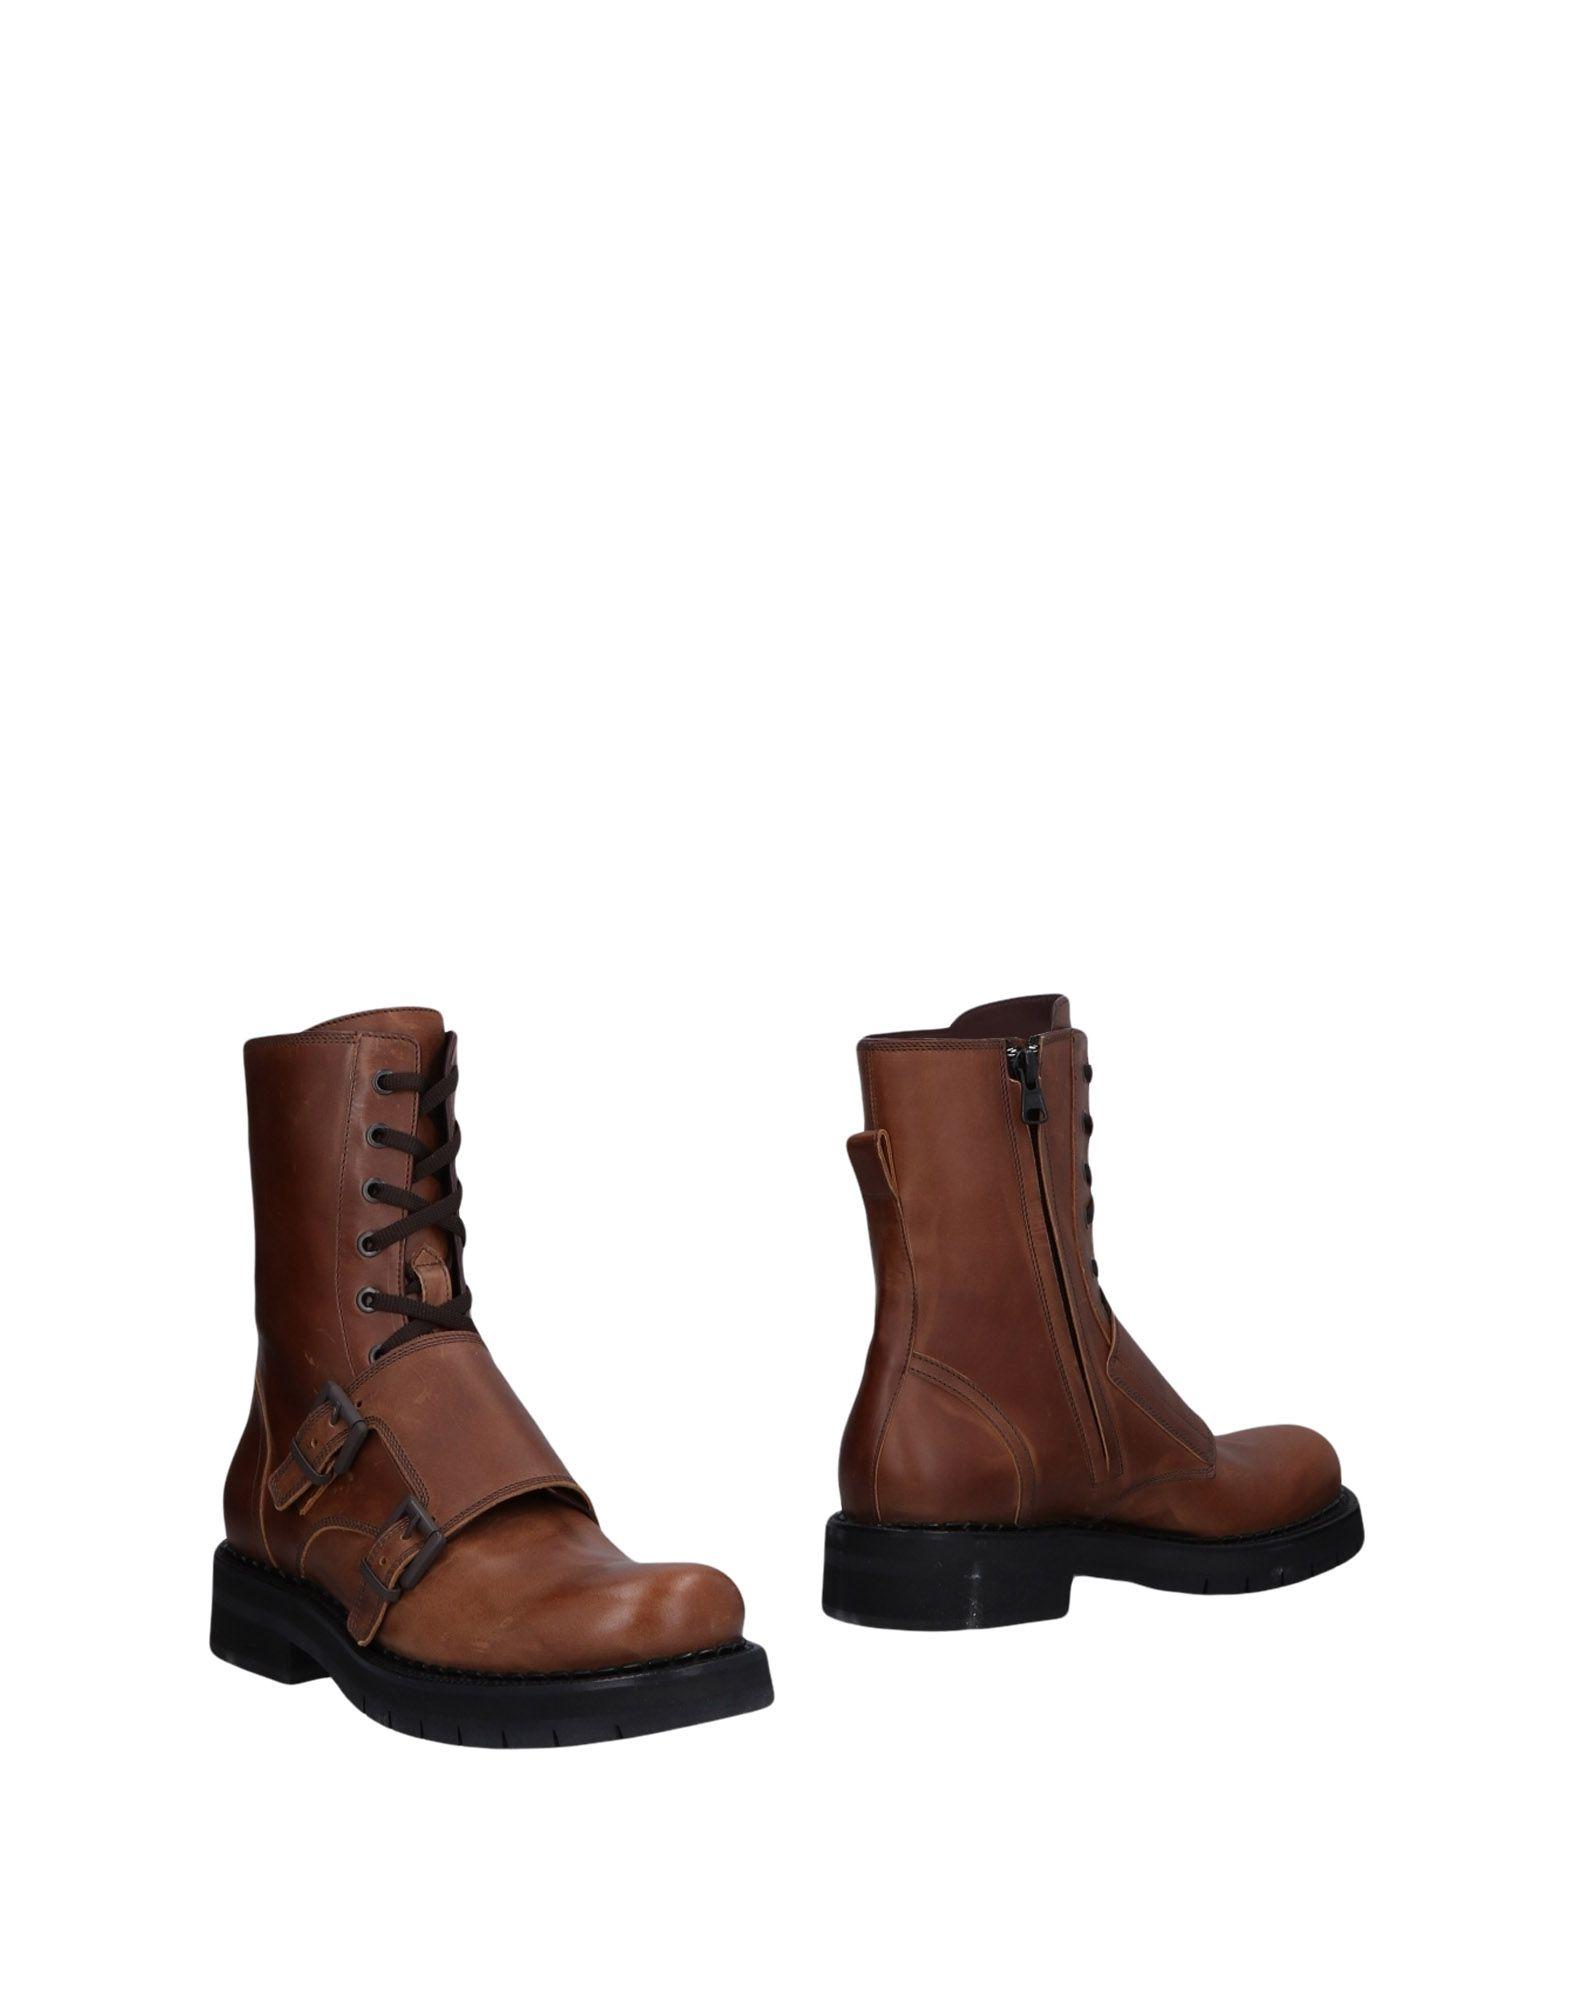 Antonio Marras Stiefelette Qualität Herren  11467407XK Gute Qualität Stiefelette beliebte Schuhe af7594